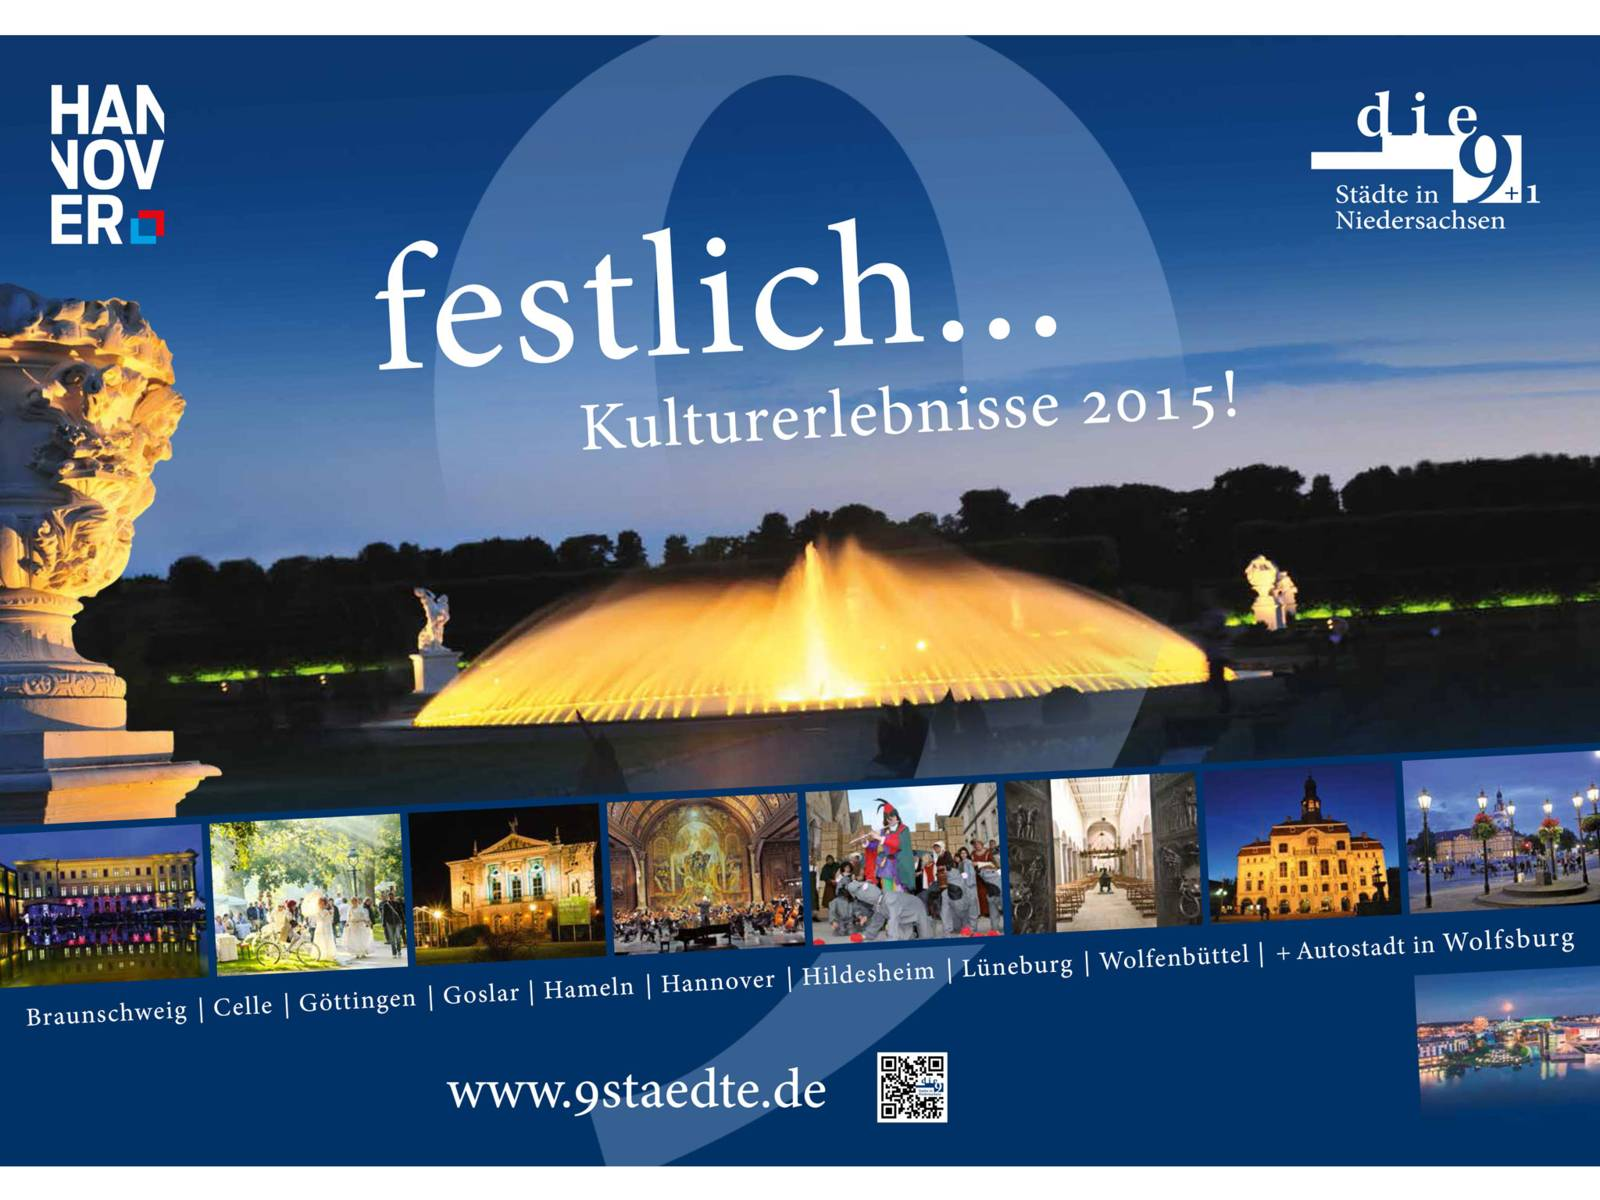 Plakatmotiv die_9 Städte in Niedersachsen